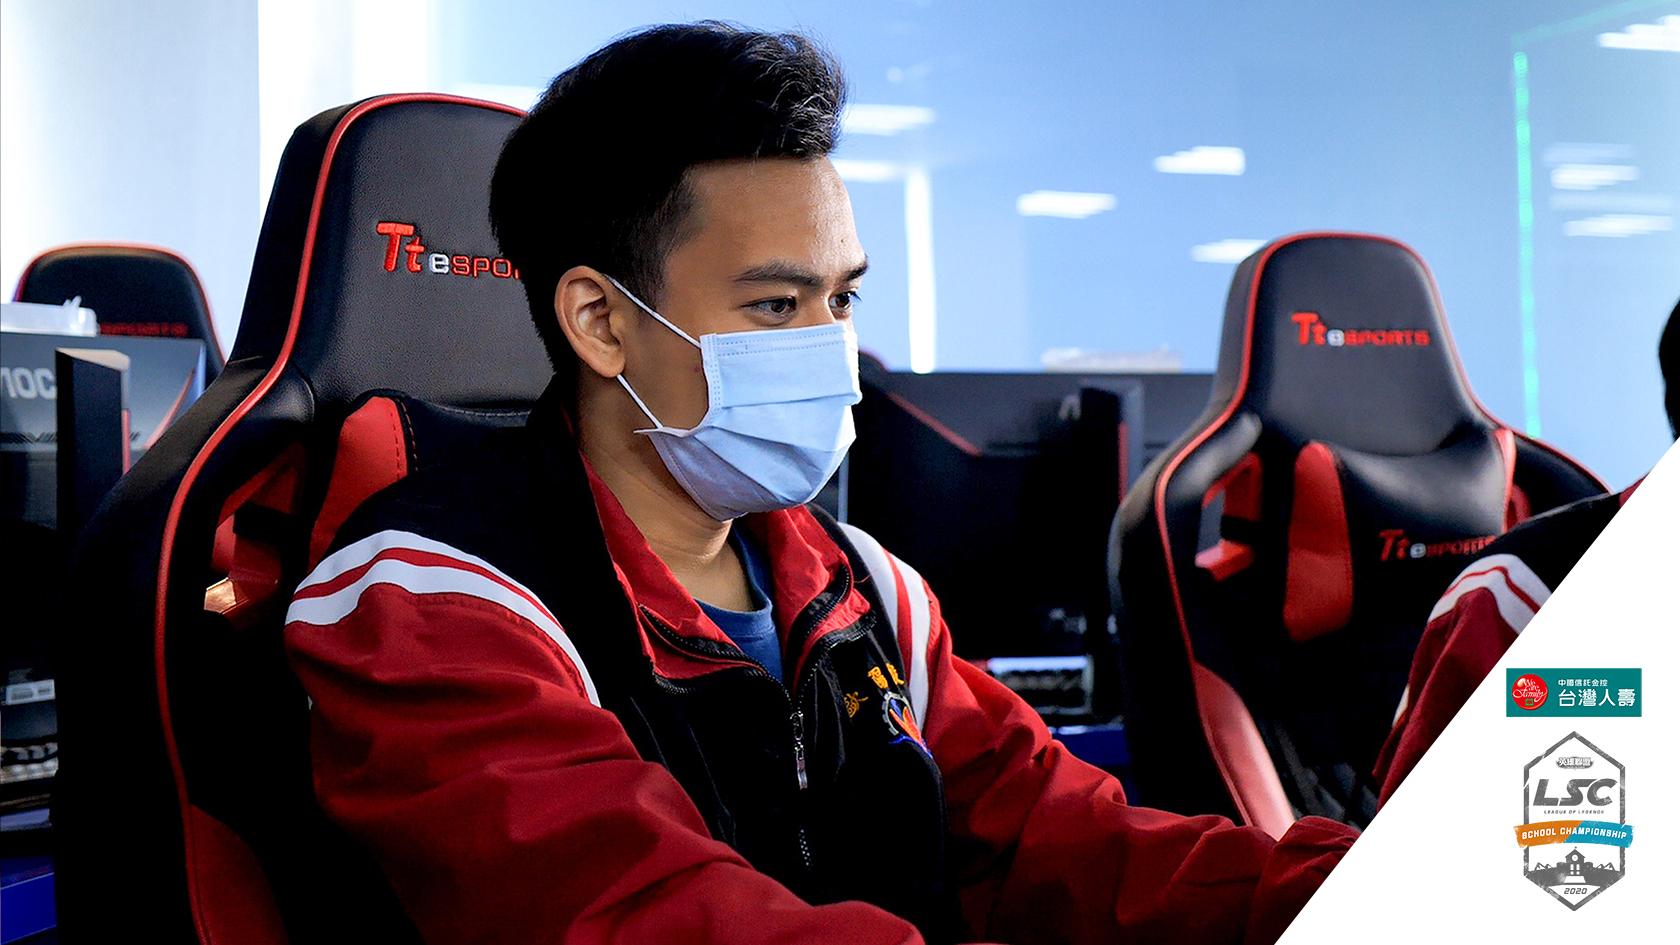 ▲連續三屆參戰LSC的謝瀚陞希望能在新賽季擊敗東泰太陽隊及青年勇士隊。